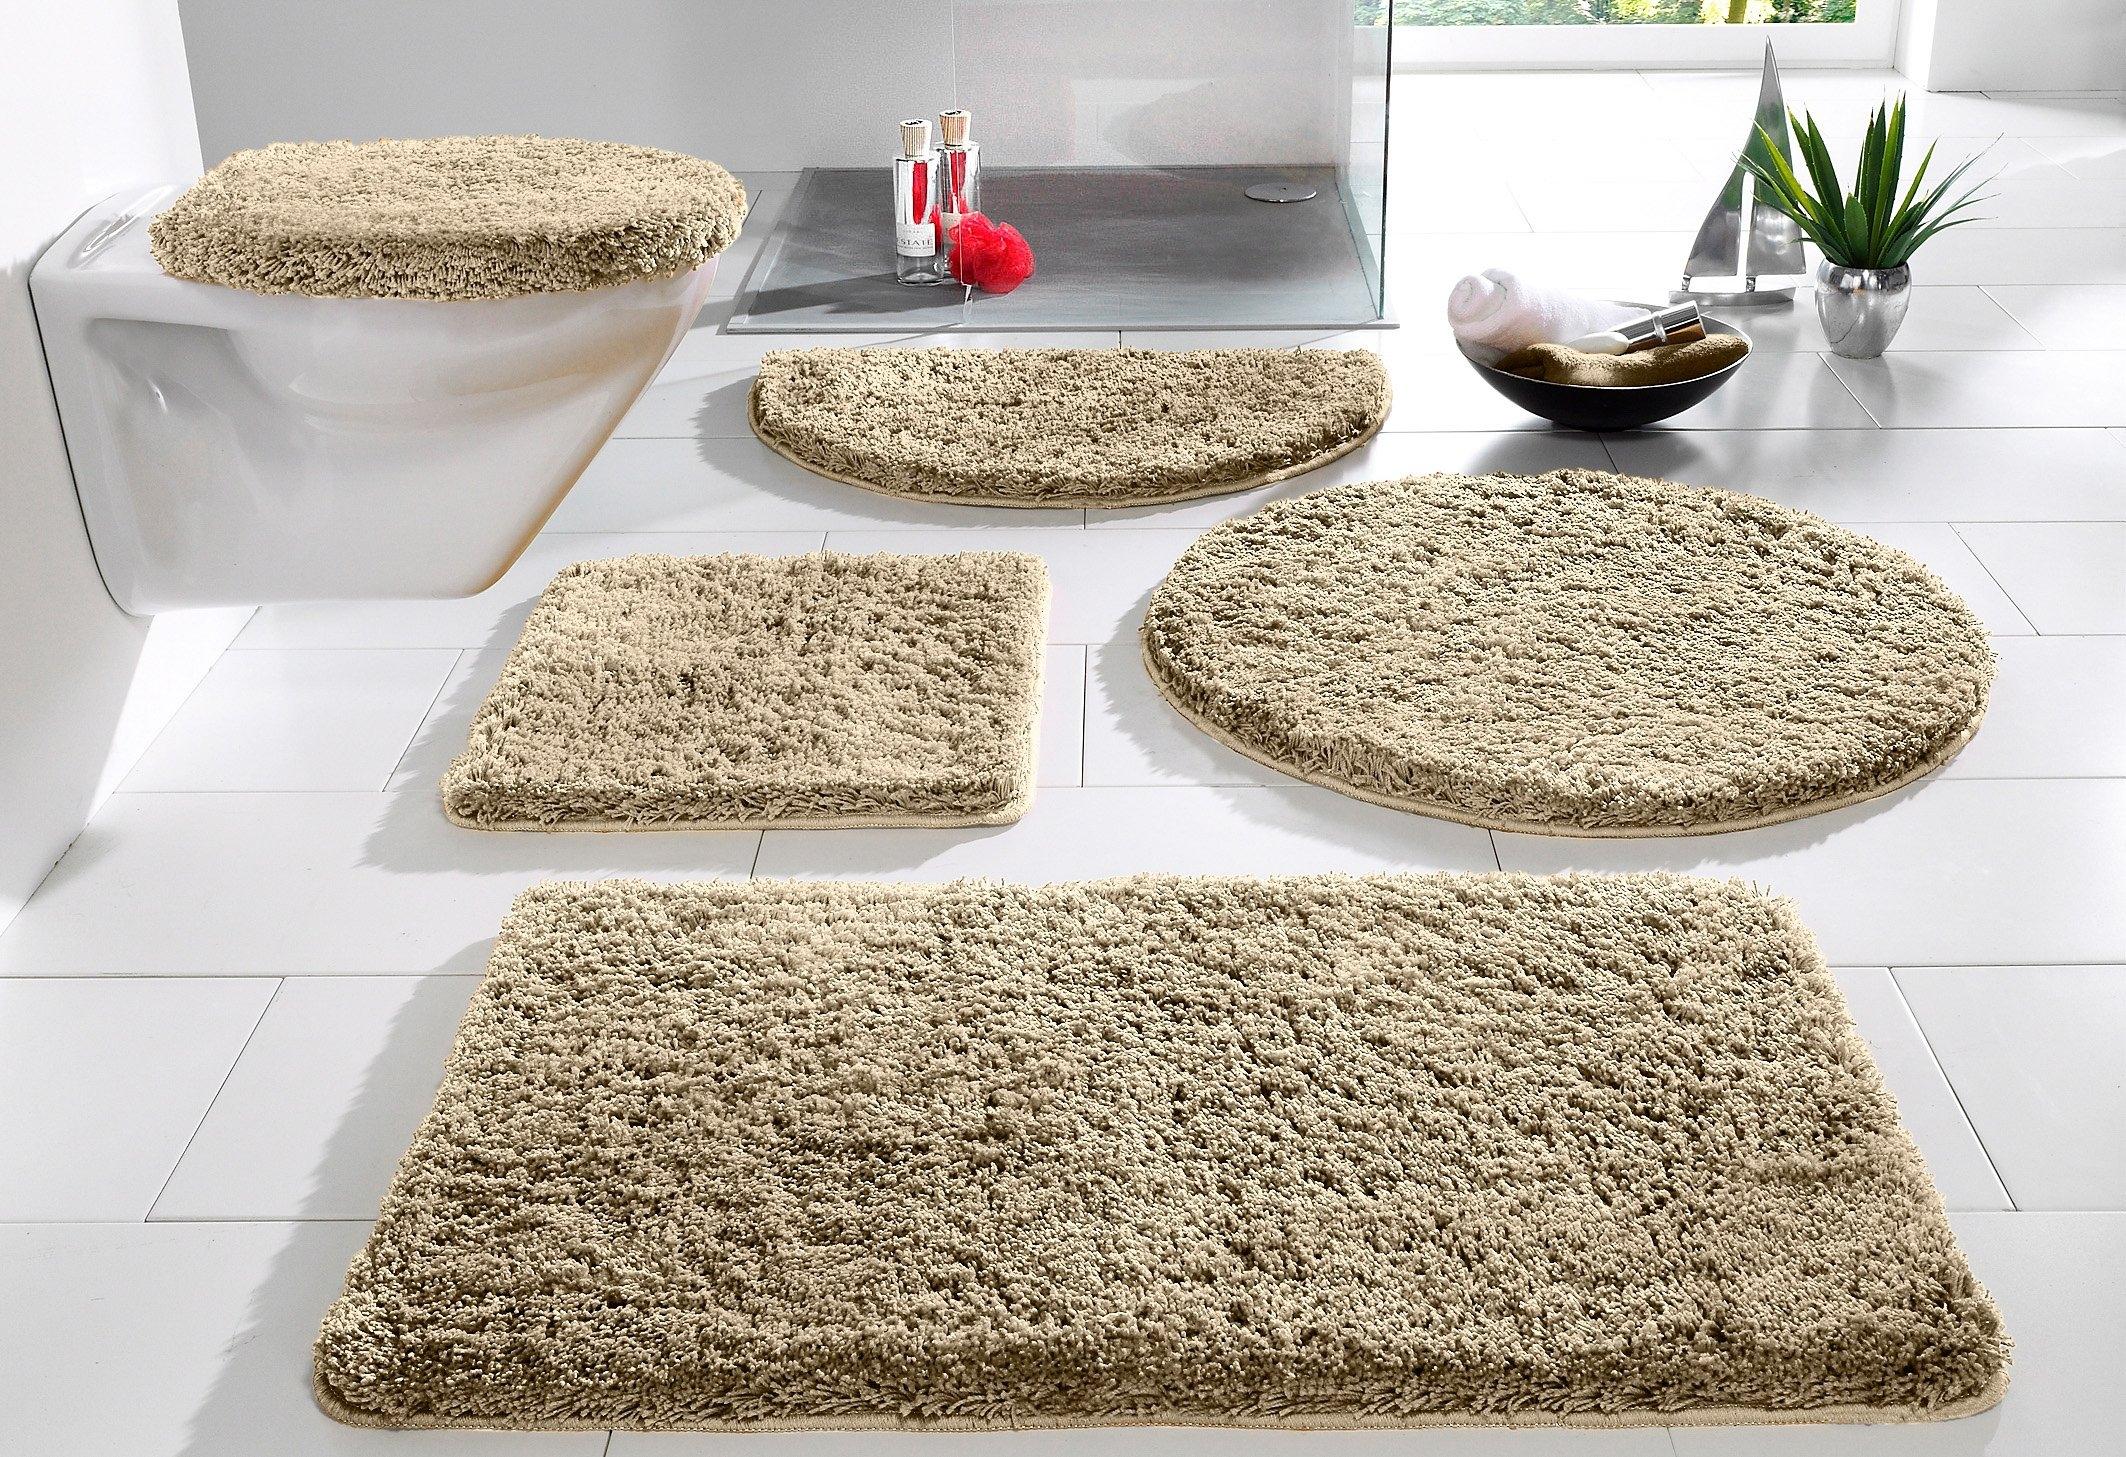 my home Badmat »Sanremo«, hoogte 30 mm, met antislip-coating, geschikt voor vloerverwarming goedkoop op otto.nl kopen